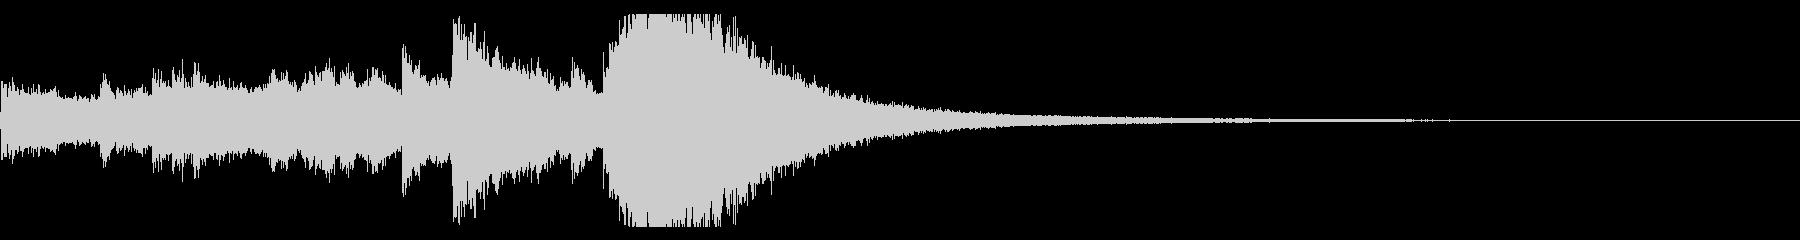 クリスマスベルのジングル,ロゴ!01の未再生の波形